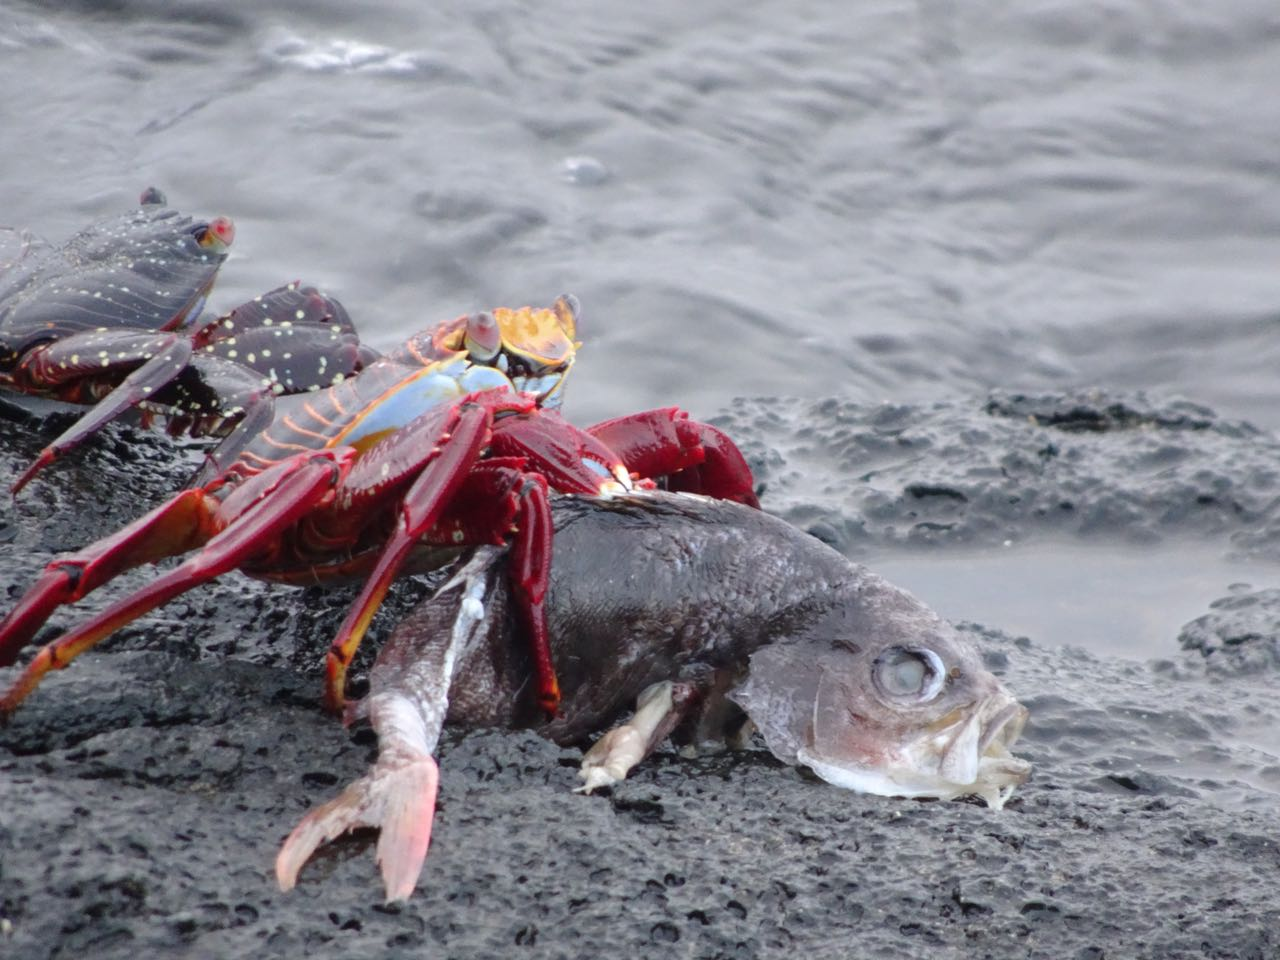 Krabbe isst Fisch